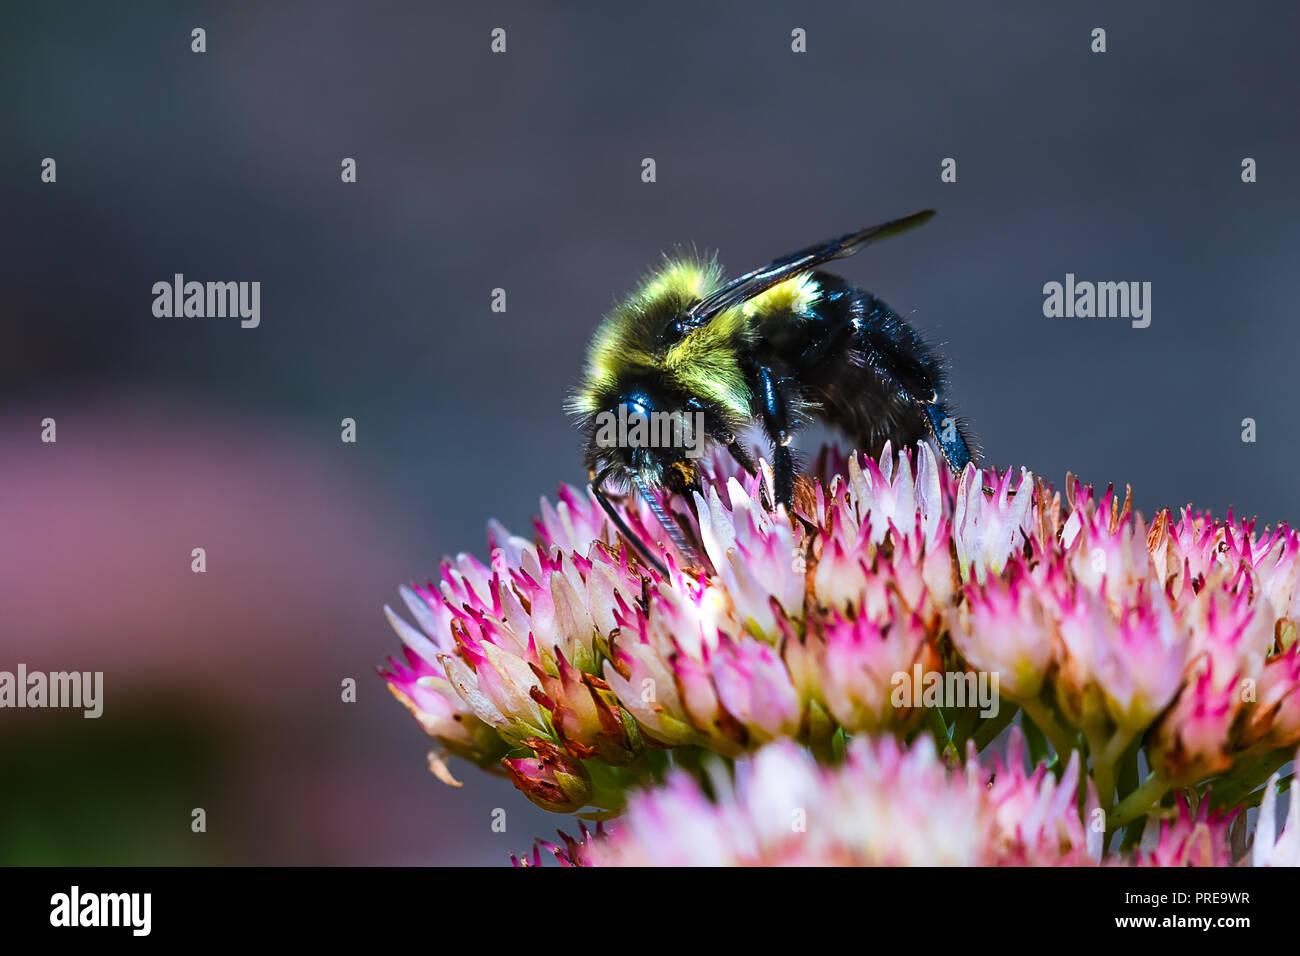 Schwarz und Gelb Bumble Bee Pollen sammeln auf einer Blume. Makro Abstand mit hoher Klarheit auf dem Insekt. Stockbild